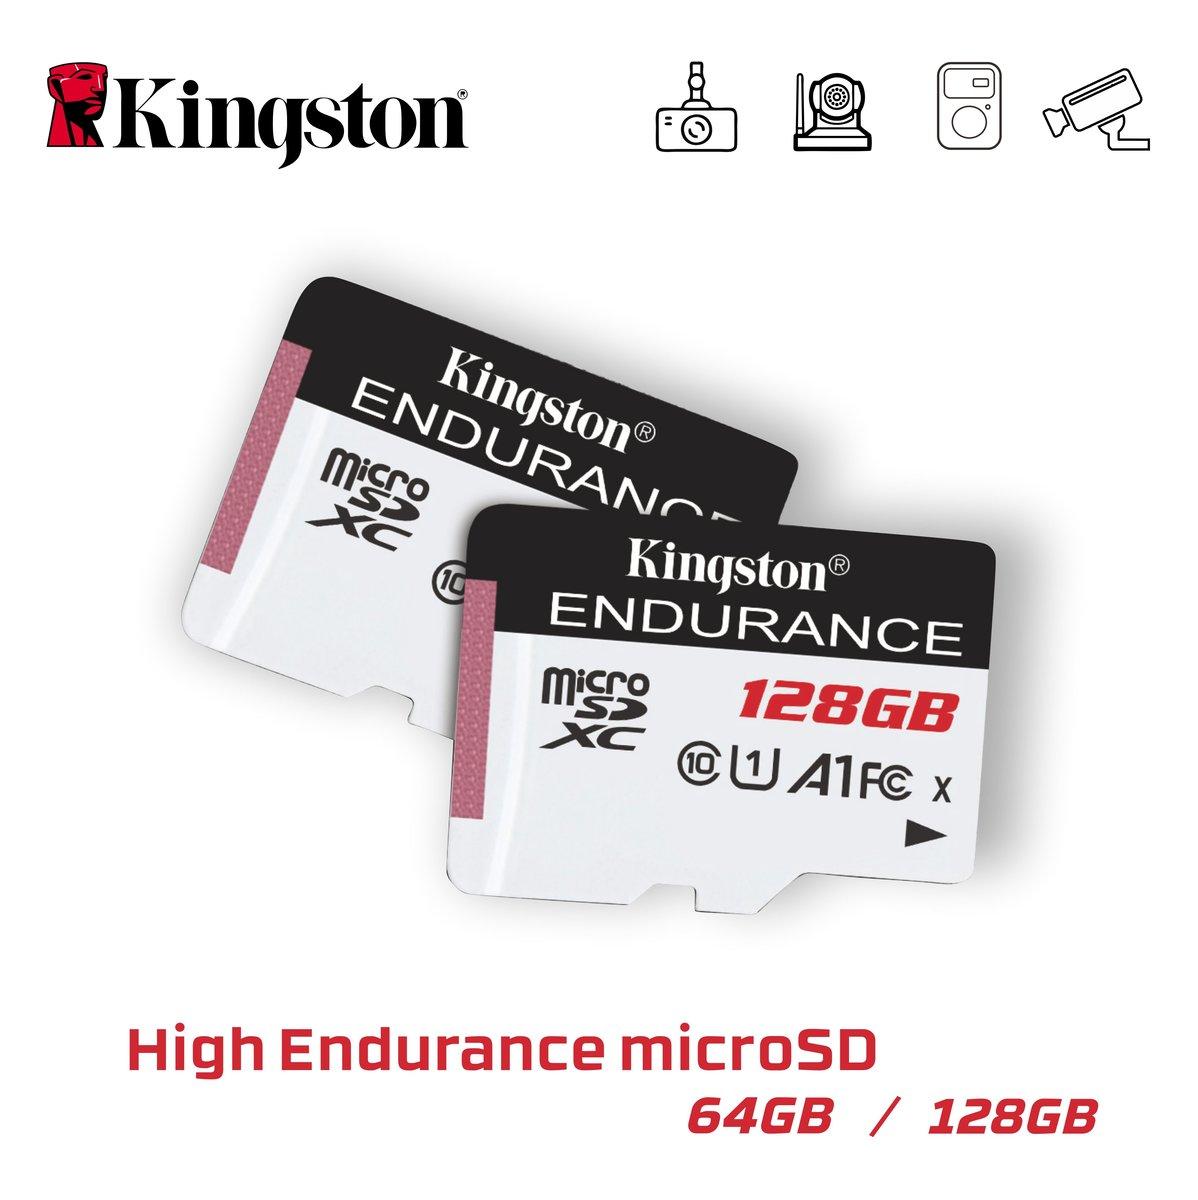 High Endurance microSD Card 128GB 記憶咭